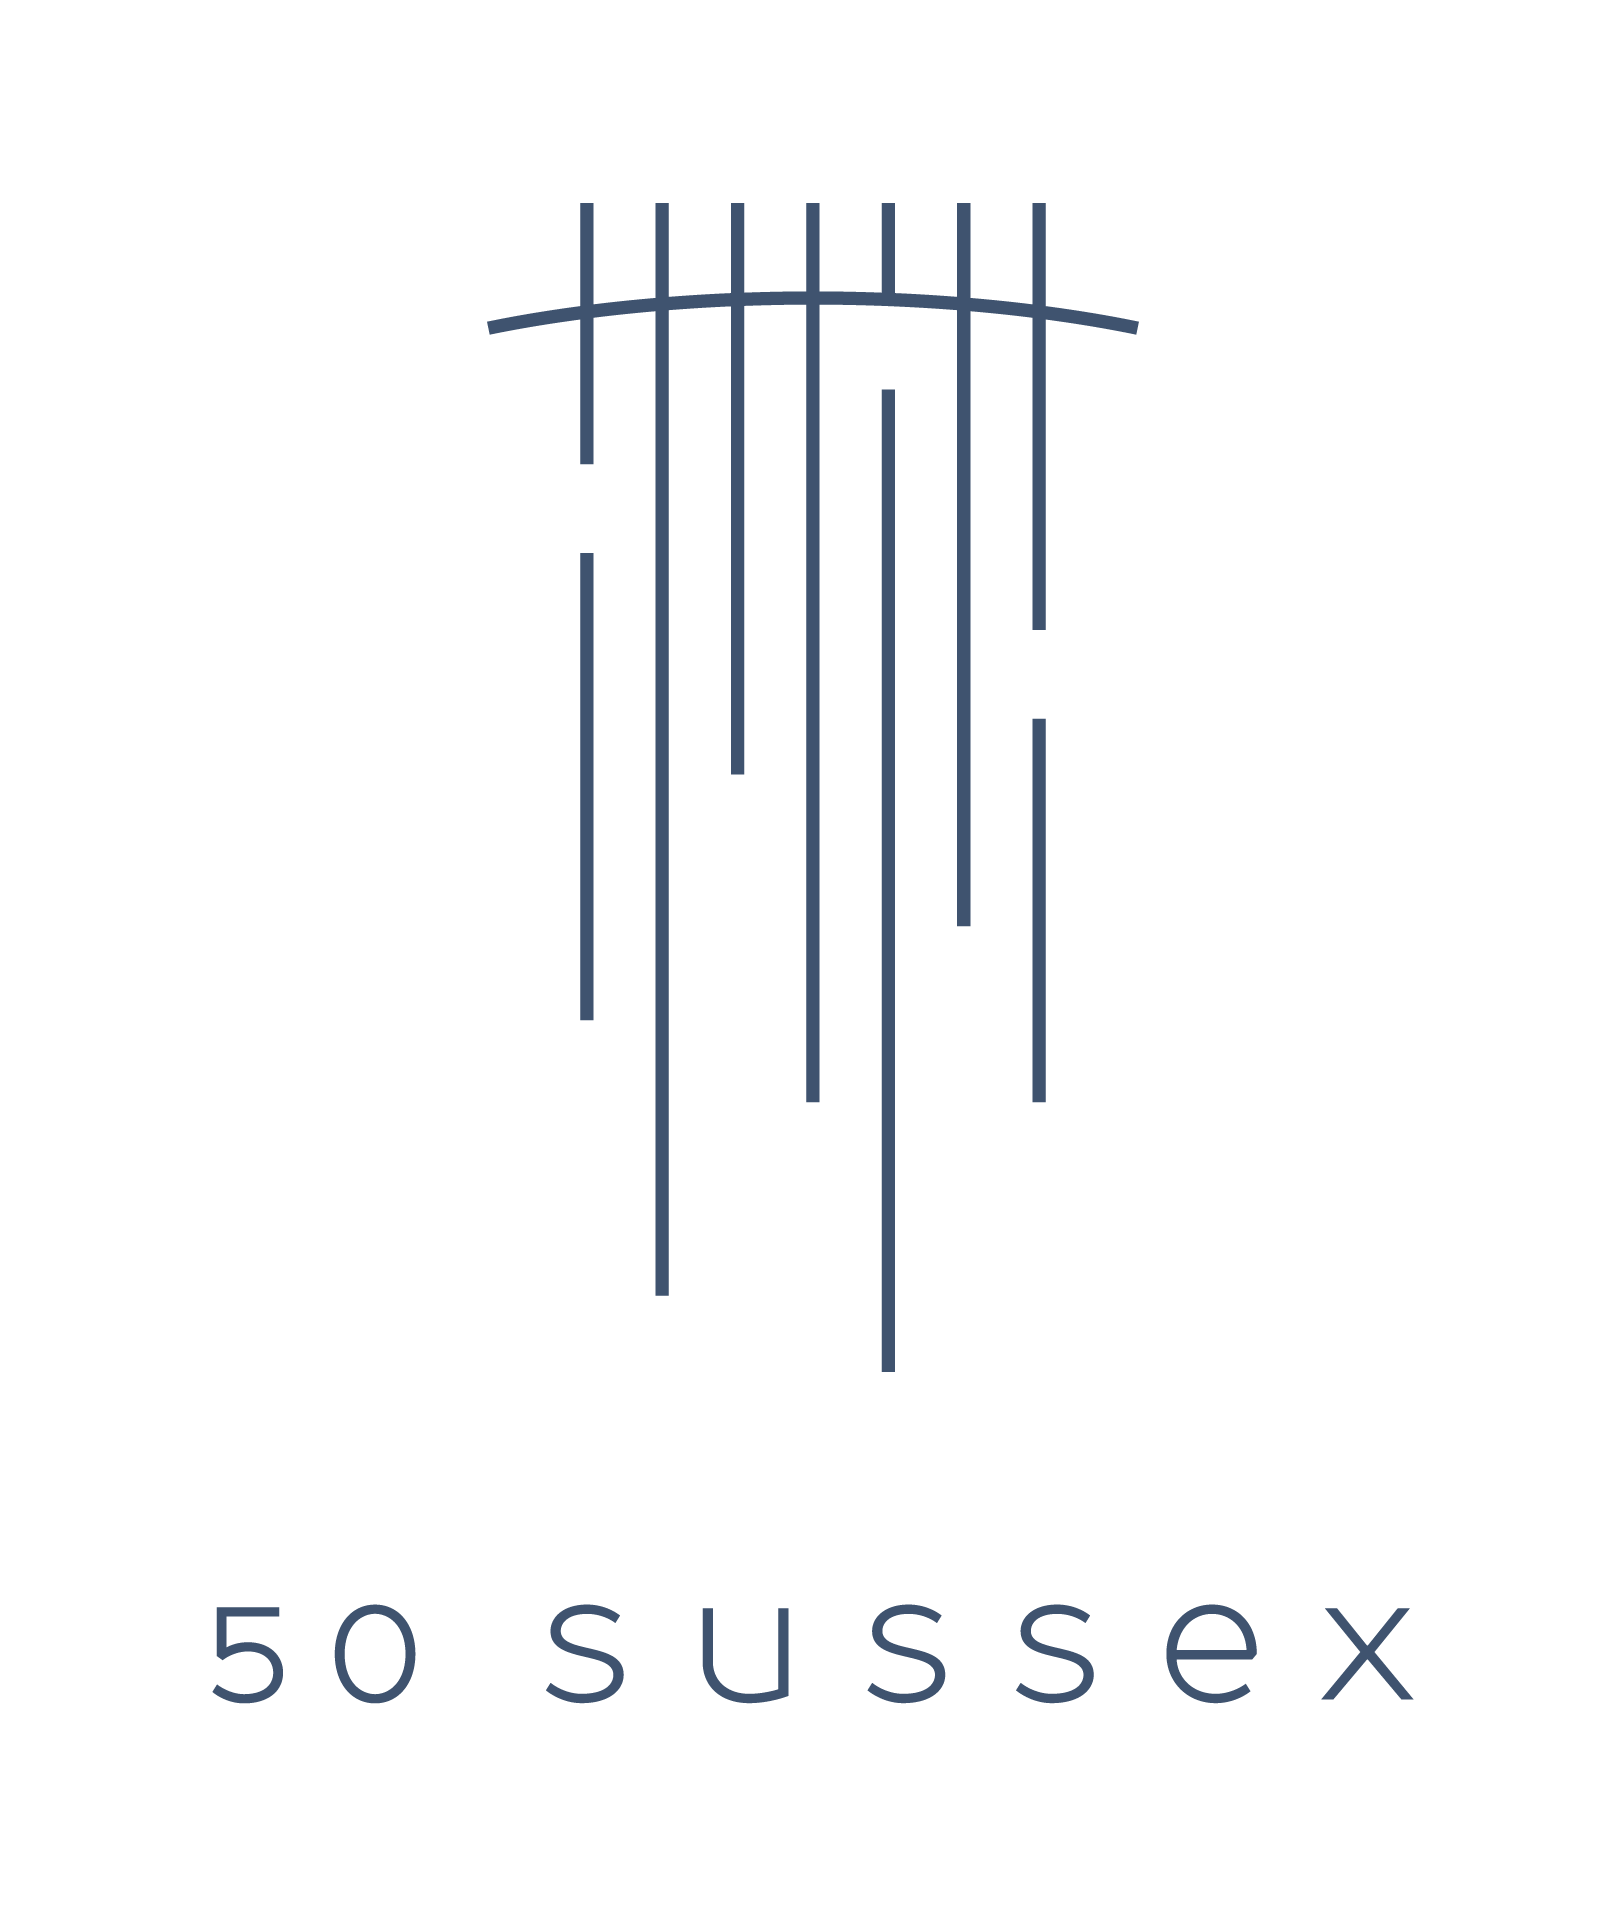 50 Sussex